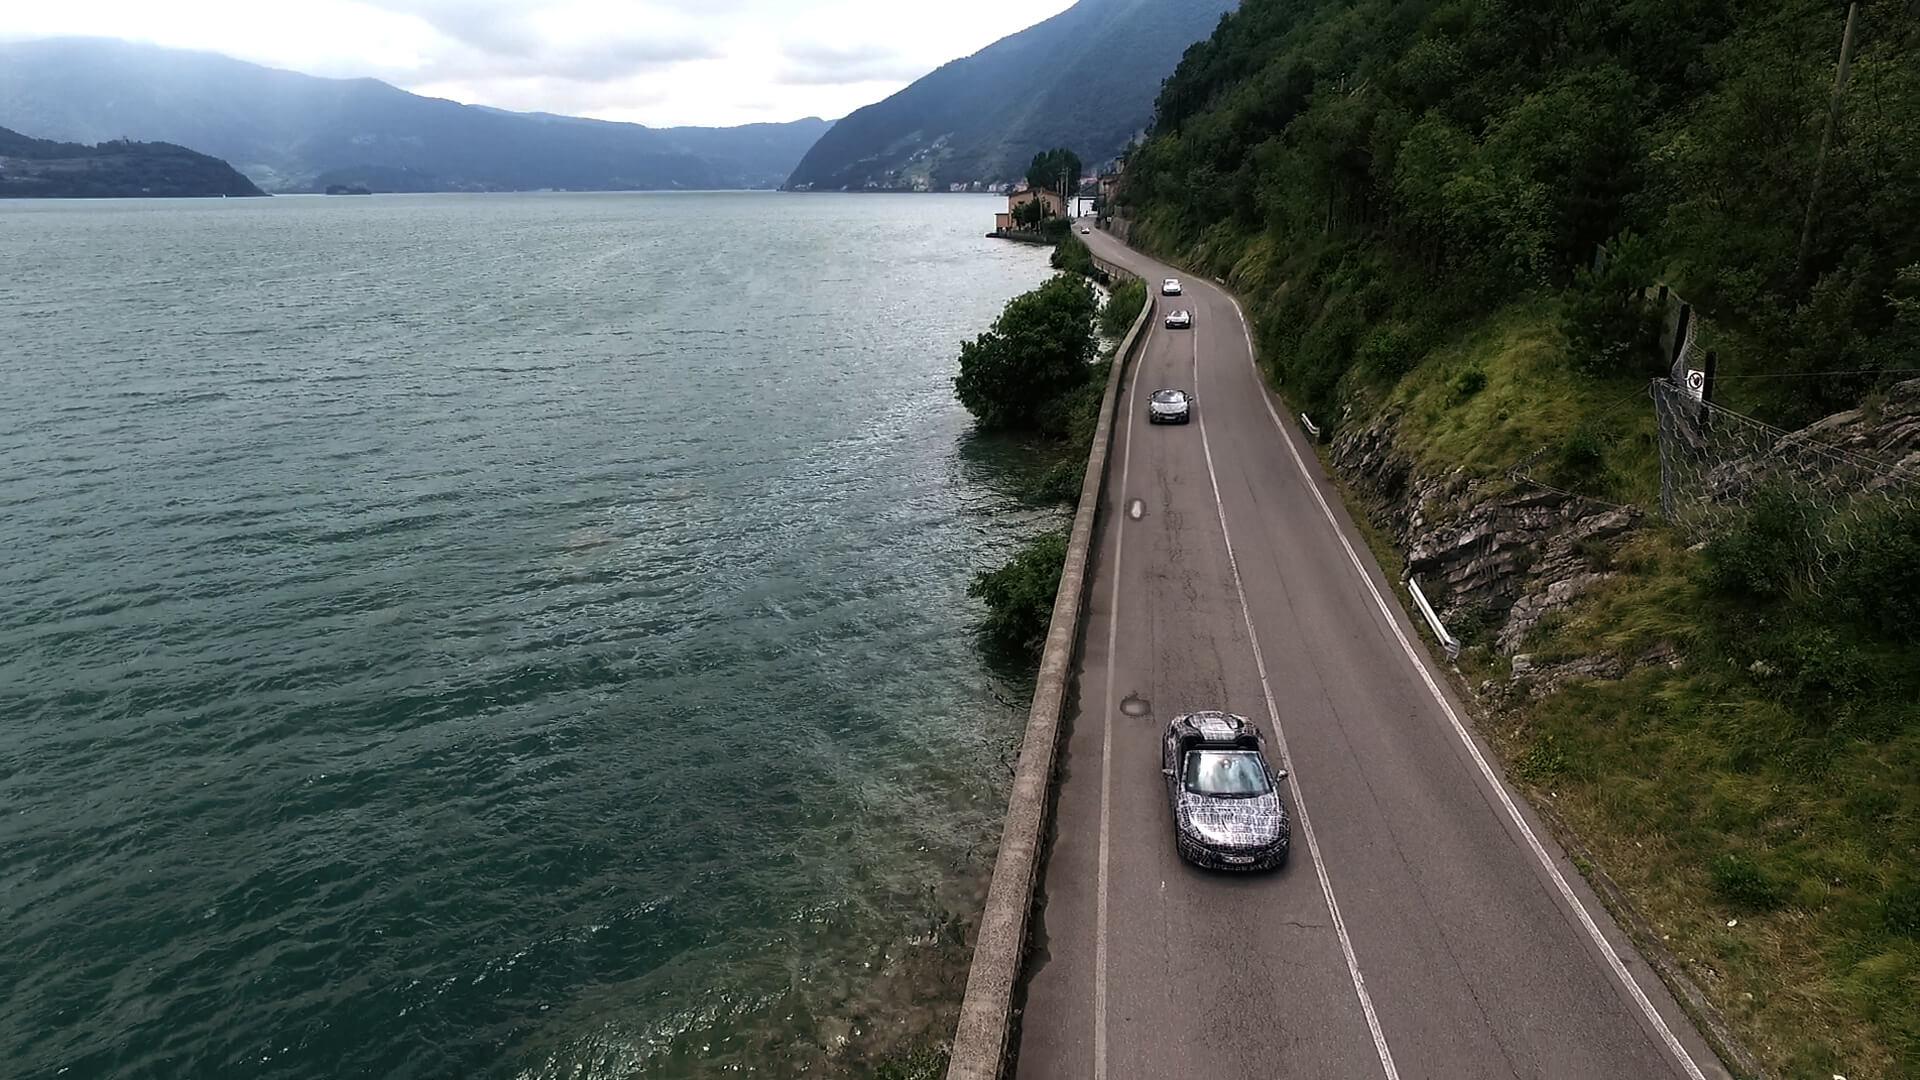 Новый BMW i8 Roadster впроцессе движения позагородным трассам юга Франции